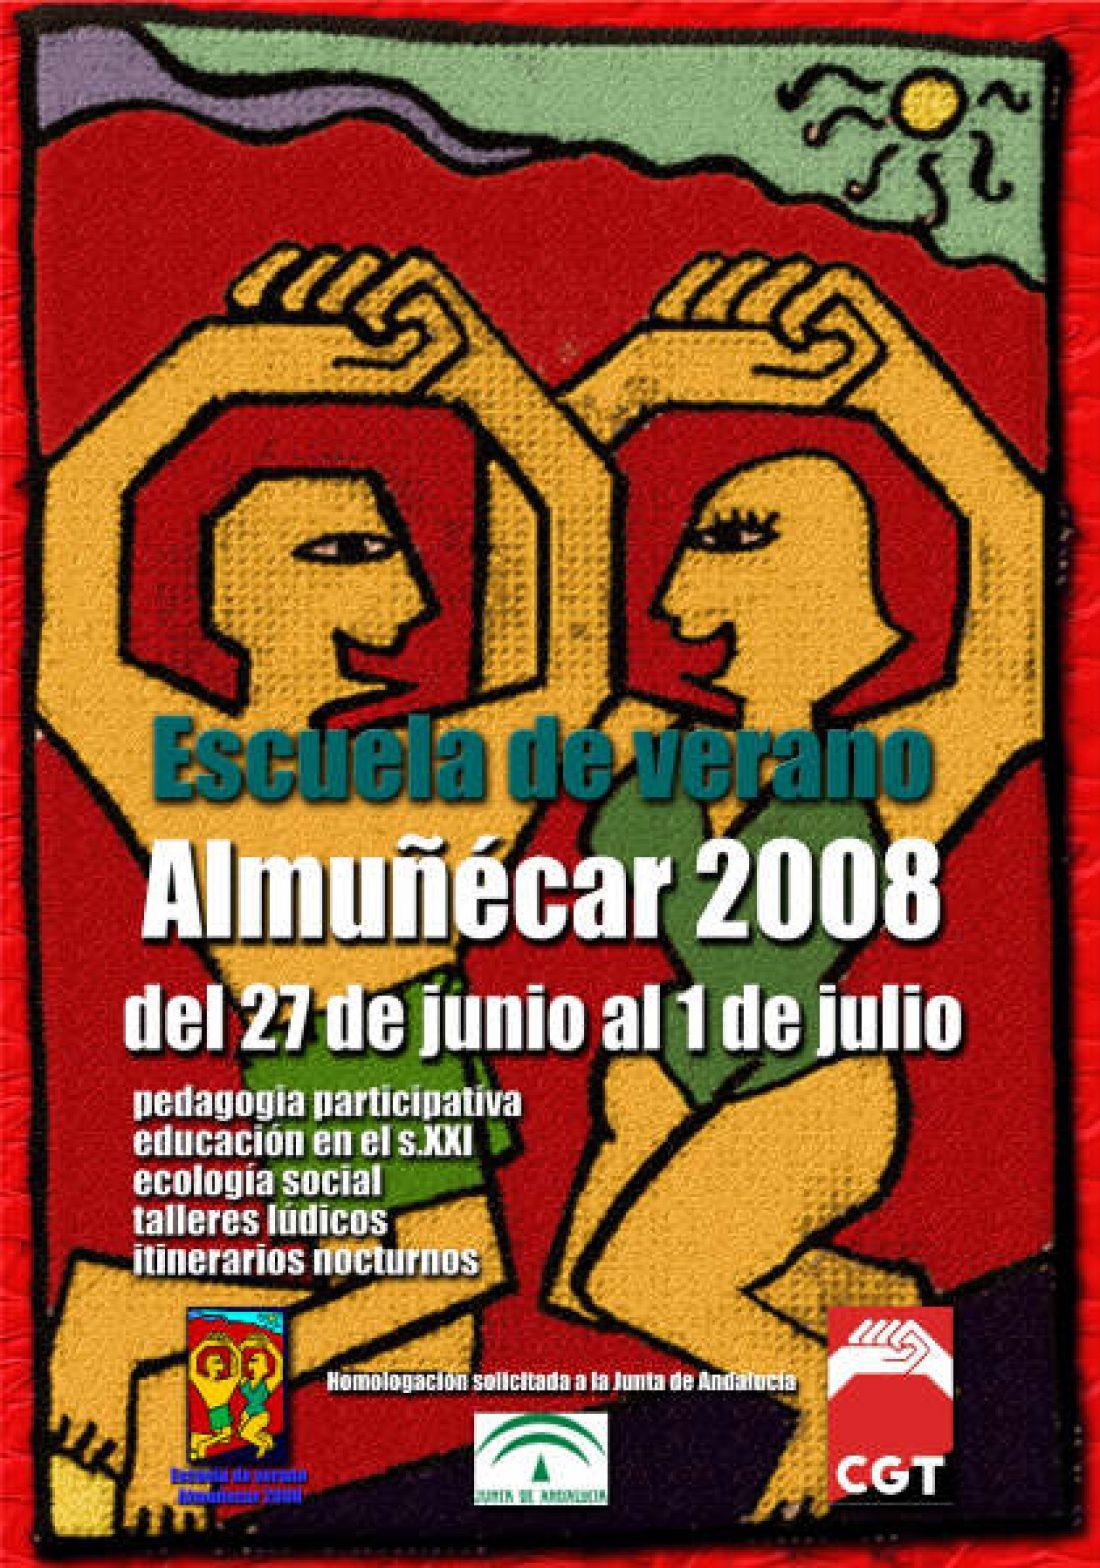 Escuela de Verano de CGT 2008